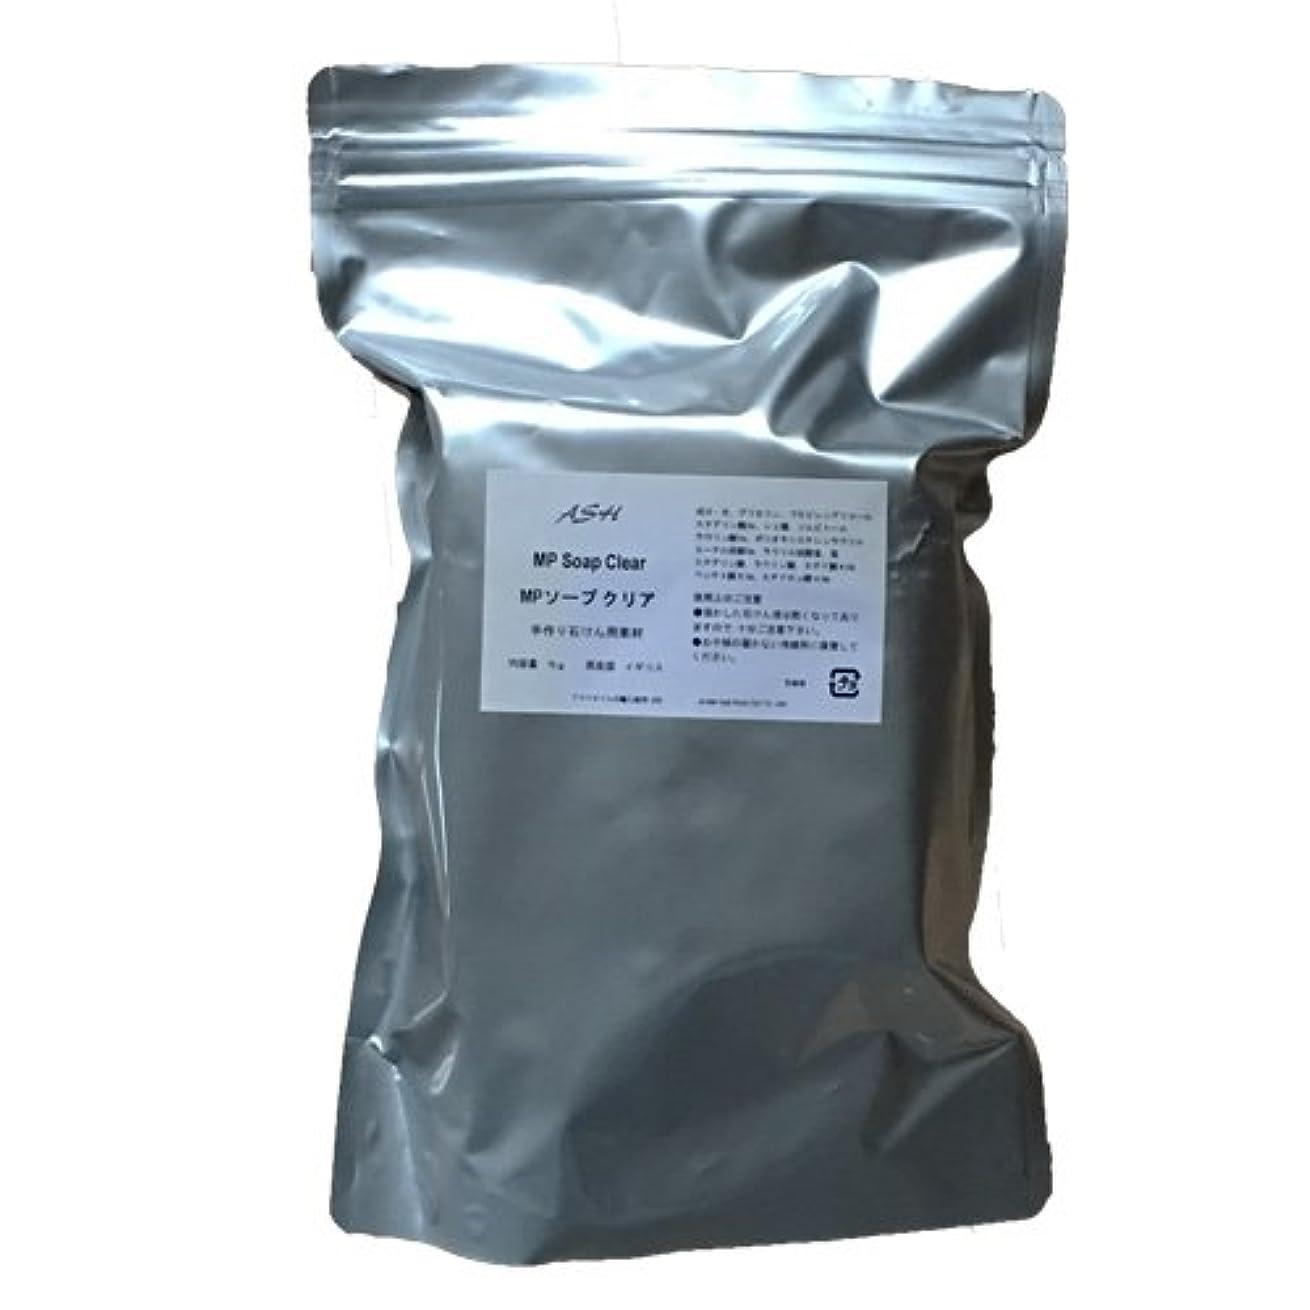 ドライディスカウントまどろみのあるMPソープ クリア 手作り石けん用素材 1kg